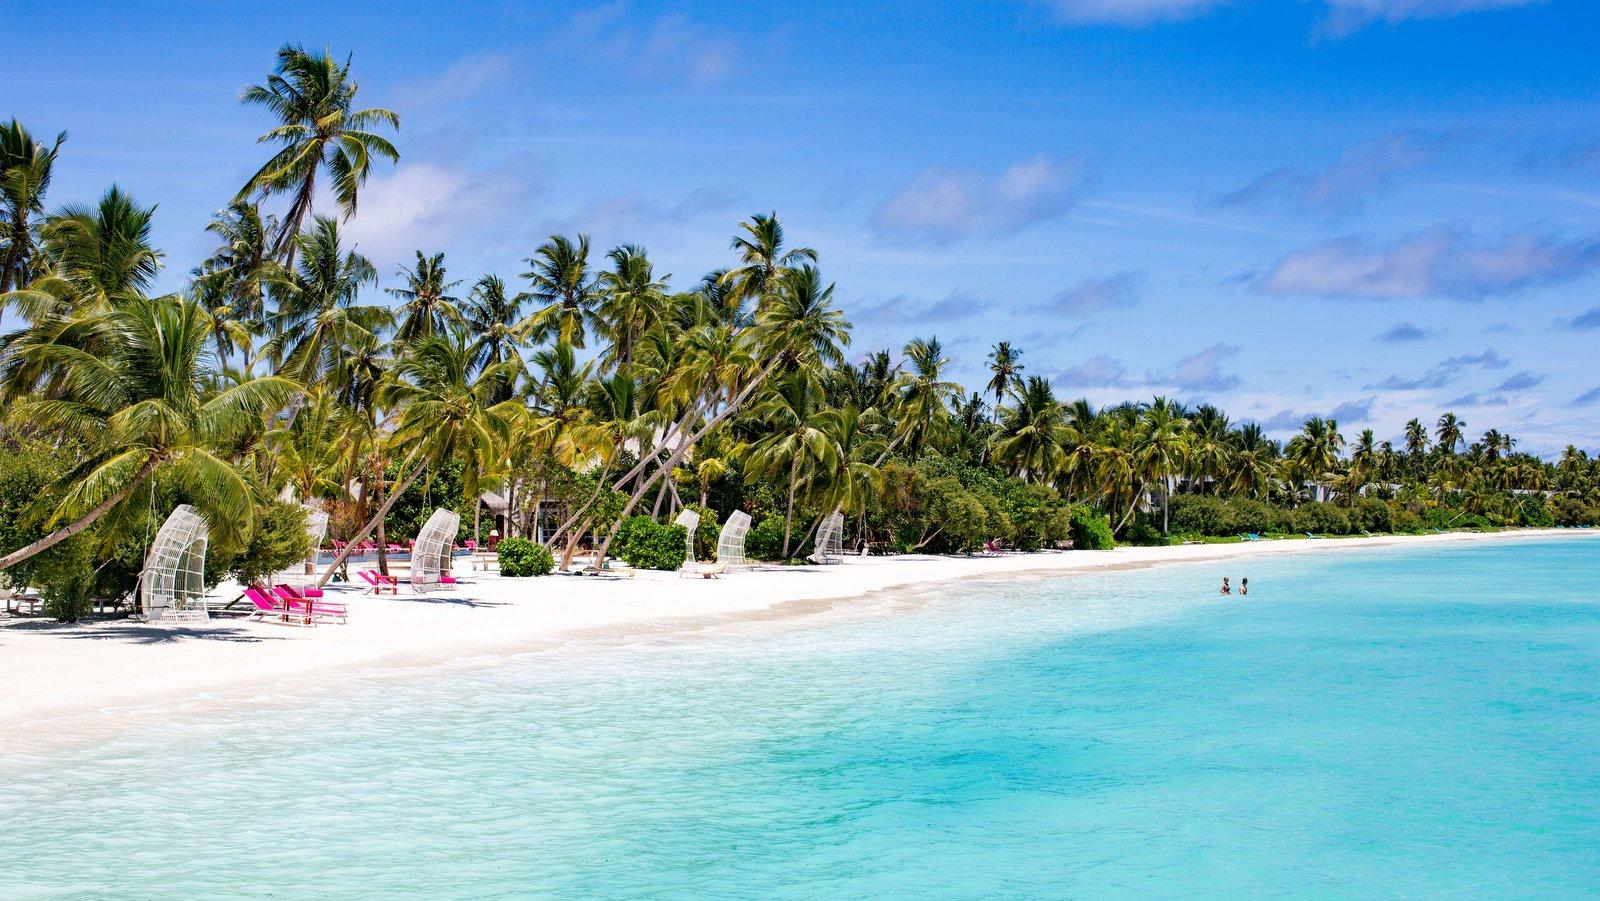 Мальдивы, отель Kandima Maldives, пляж